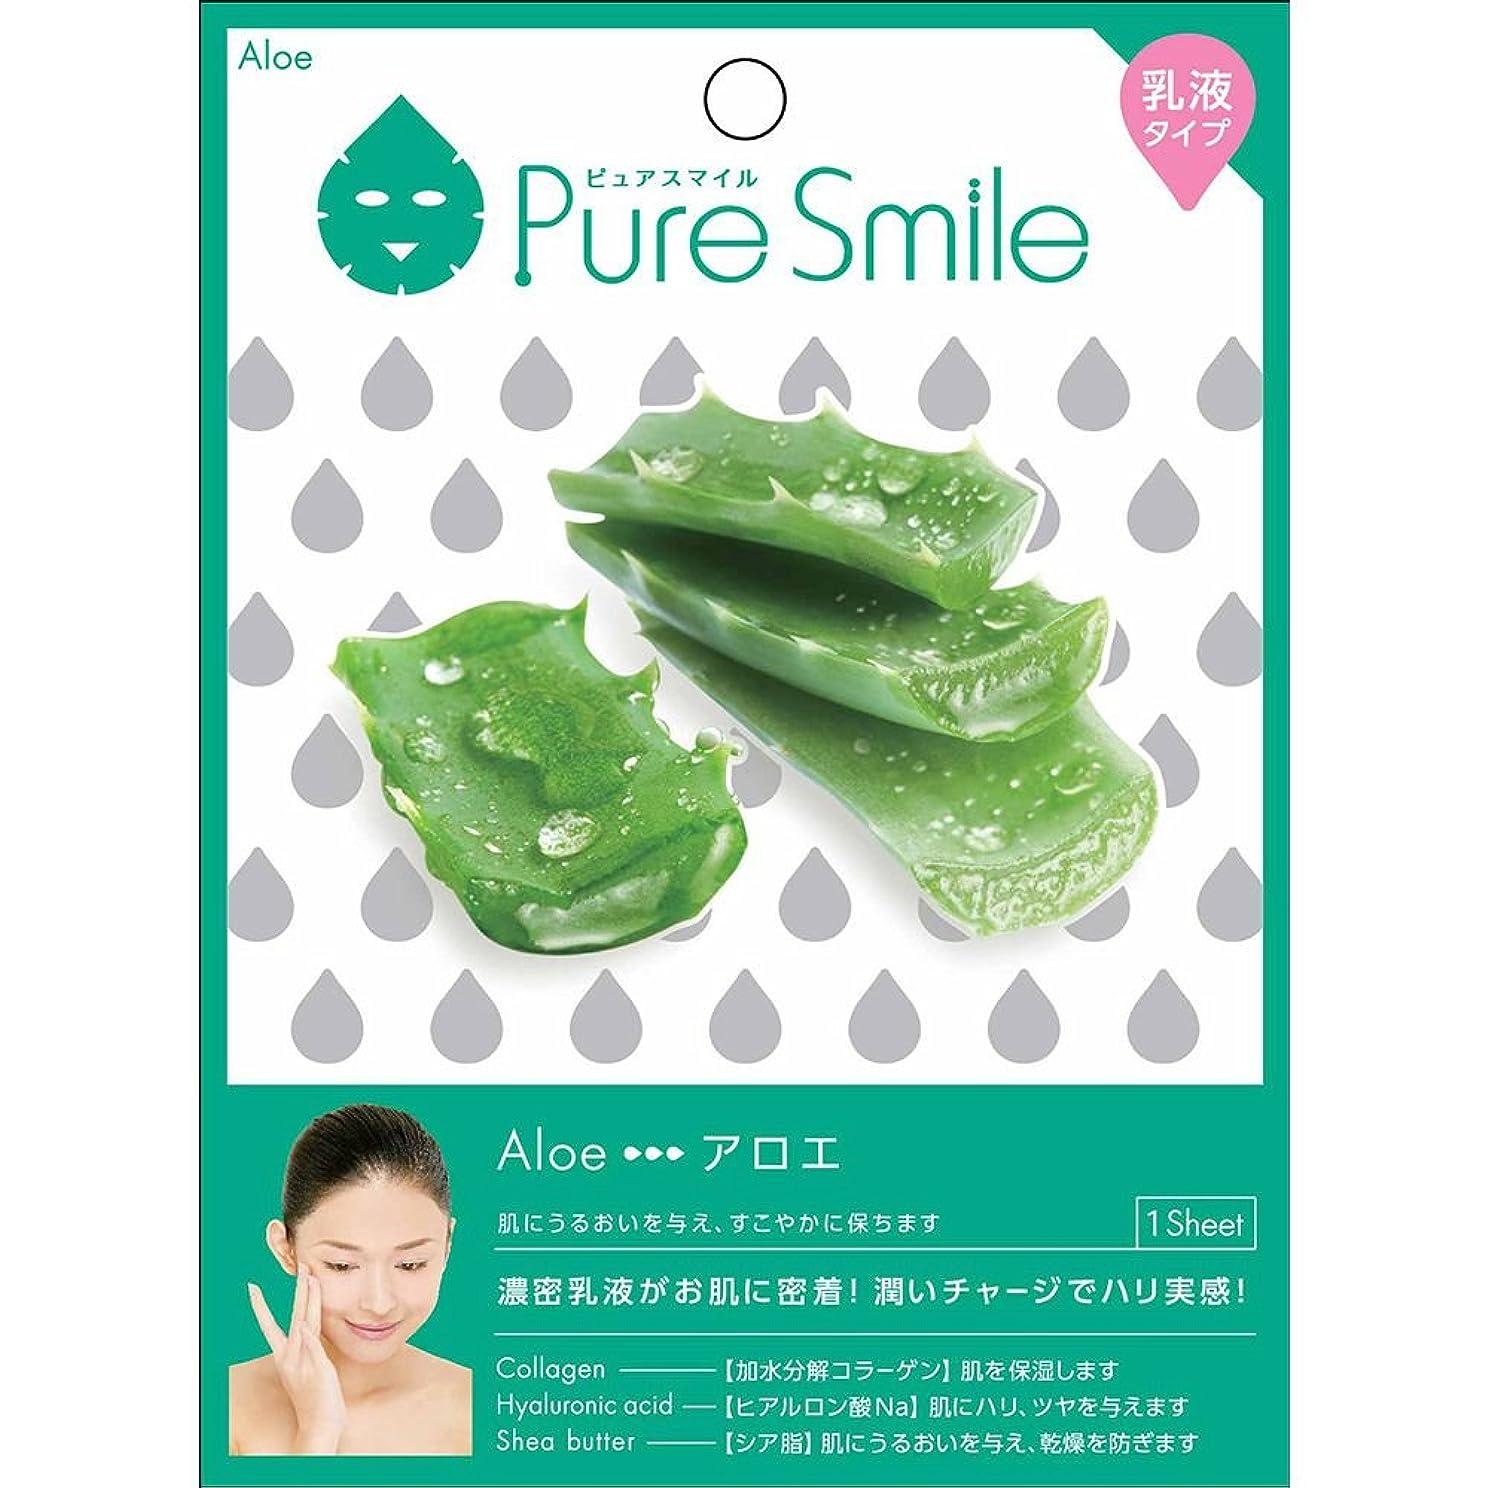 パーツ逆ウッズPure Smile(ピュアスマイル) 乳液エッセンスマスク 1 枚 アロエ